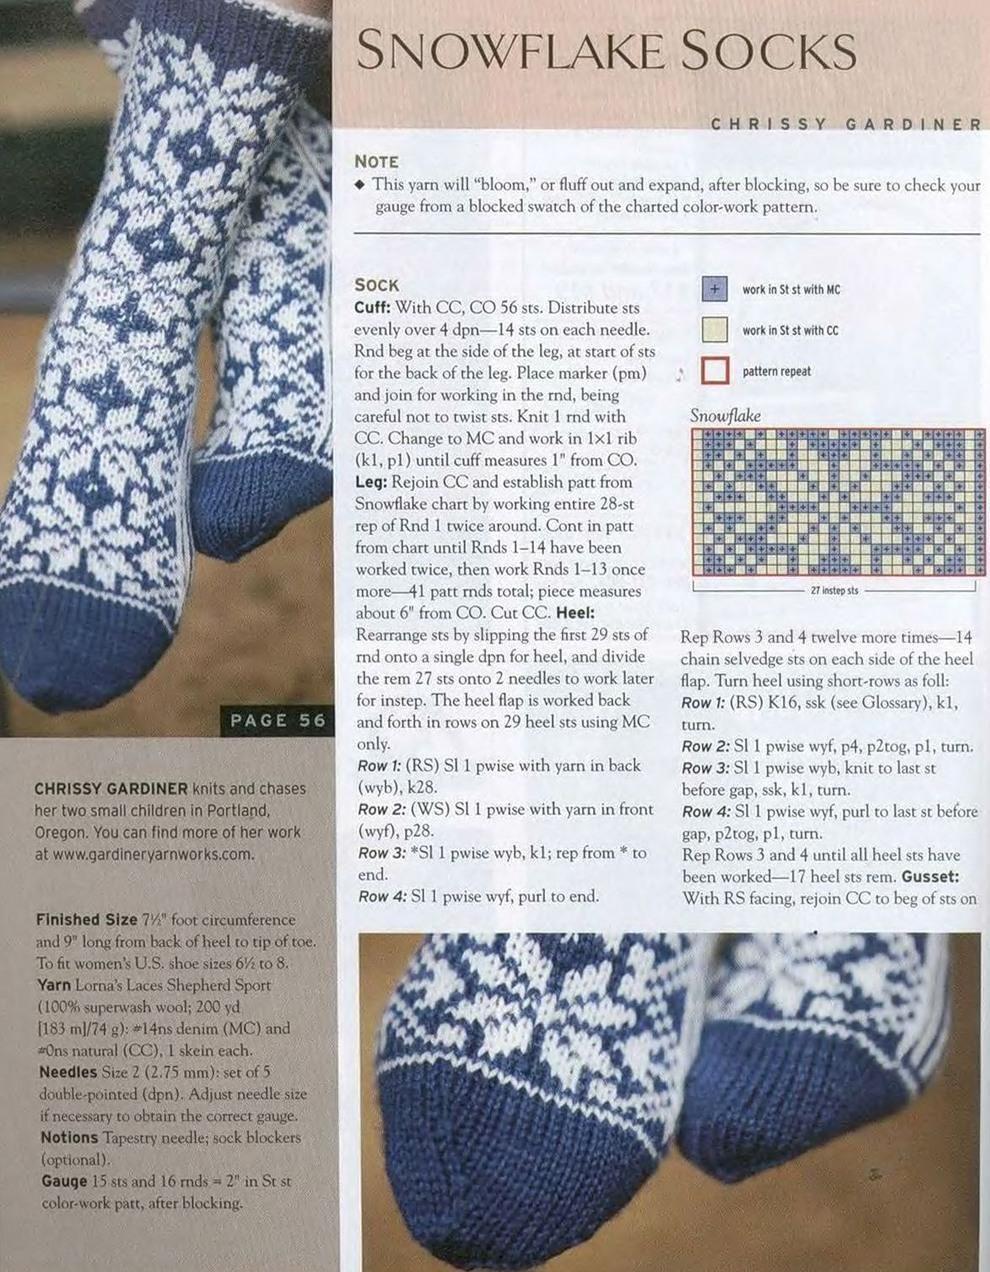 как вязать нарядные носки спицами - схема | Cimdi | Pinterest ...